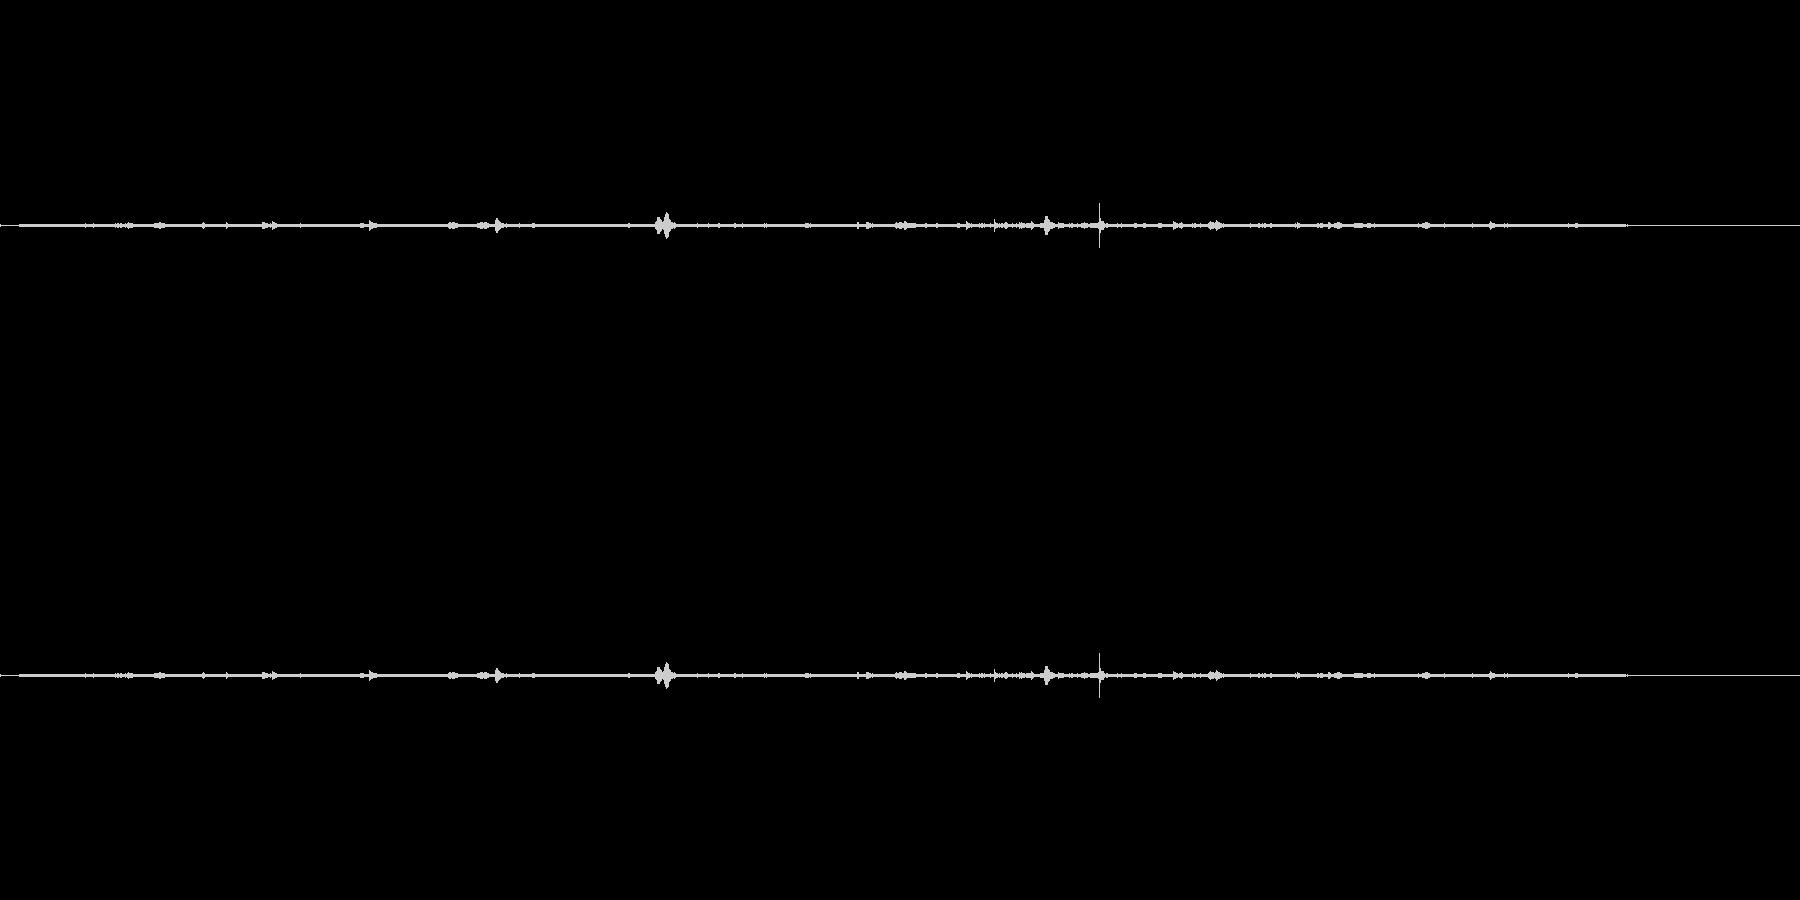 カフェテリアバートーク(ビジー)、全般の未再生の波形